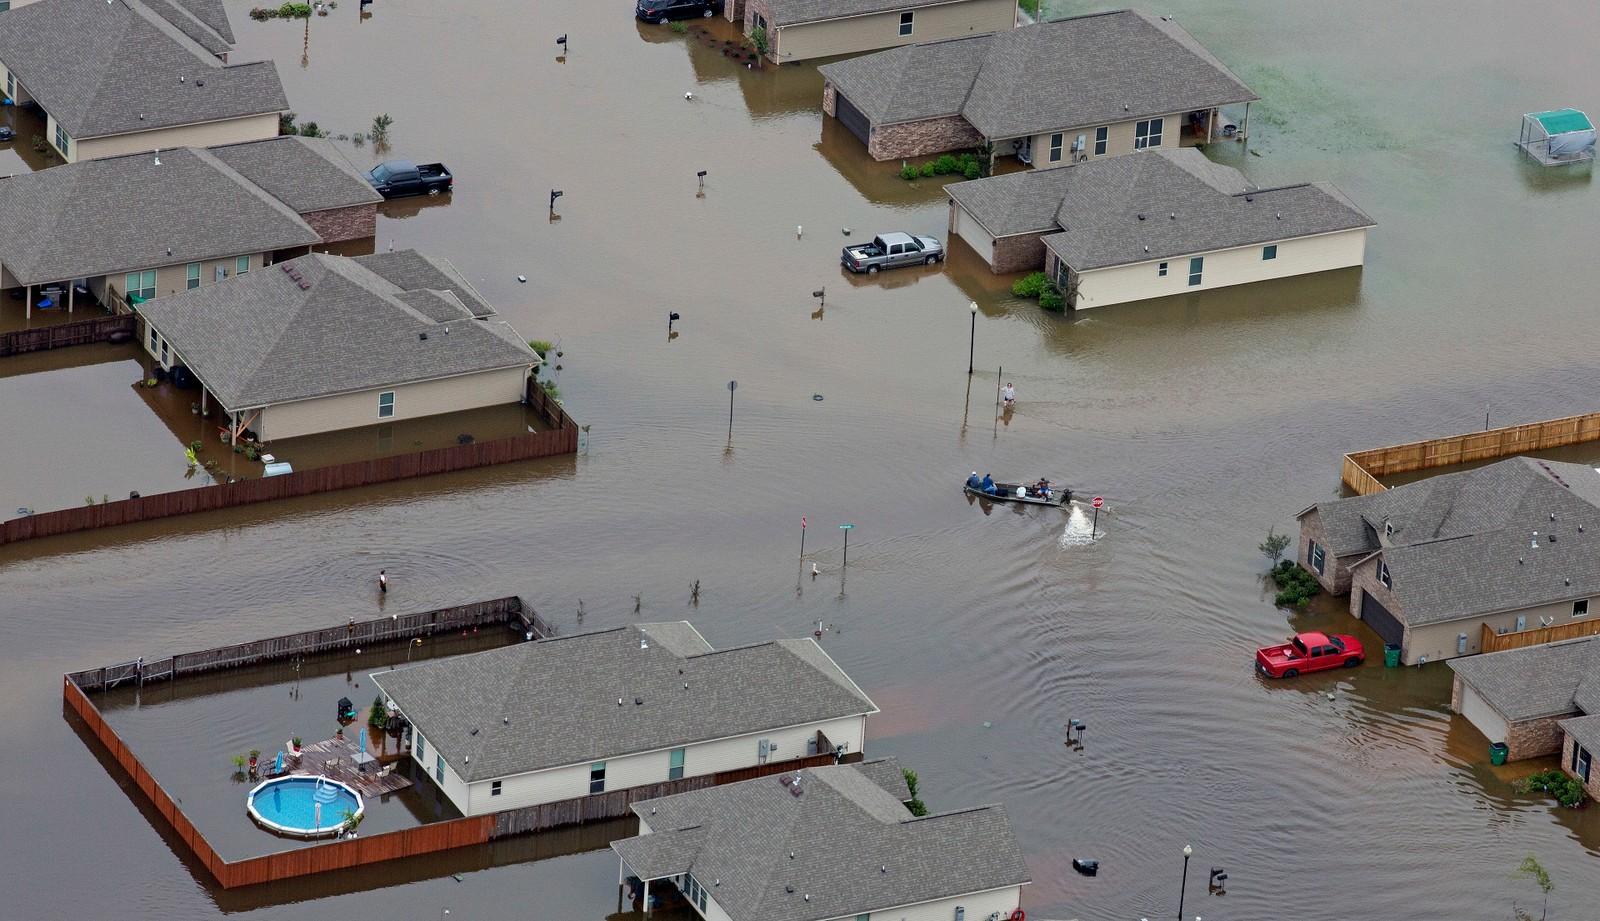 MANGE RAMMET: En båt kjører mellom flomrammede hus i Hammond, Louisiana.